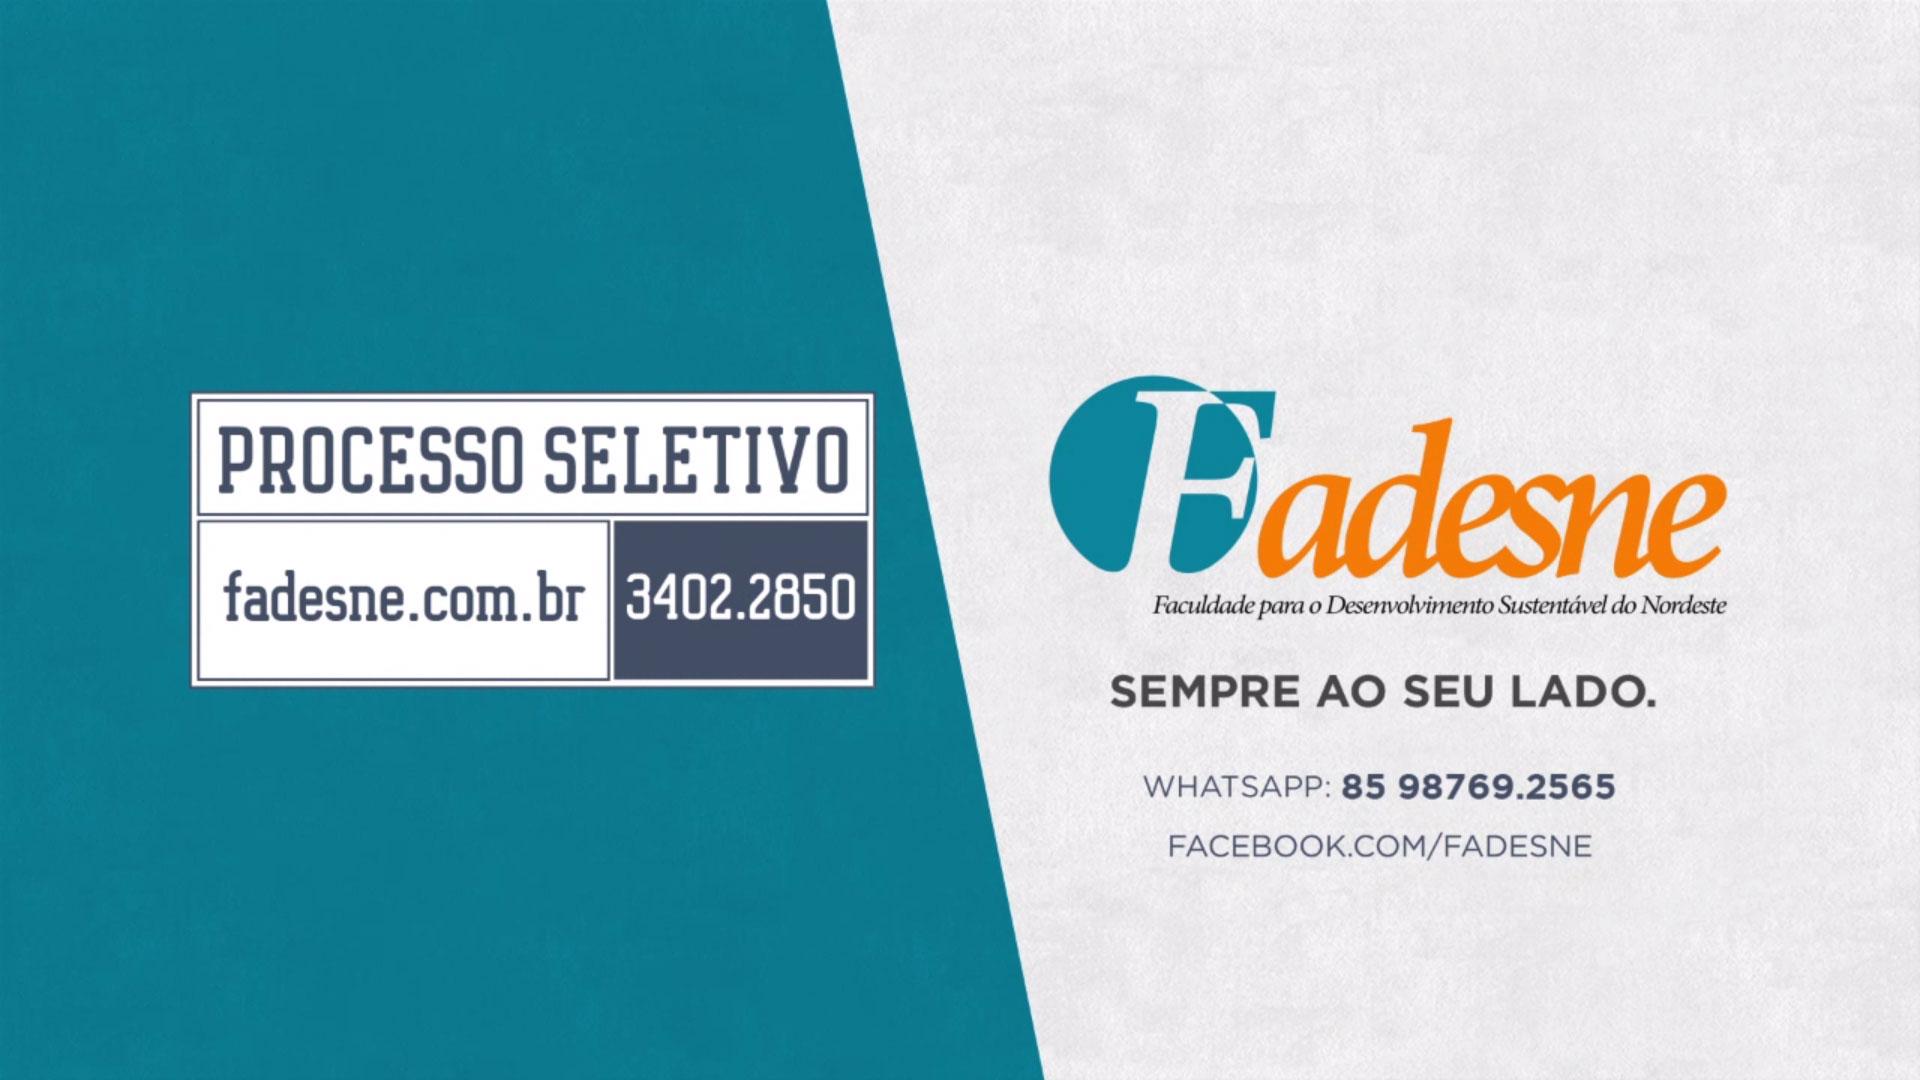 faf7322e6fb6f Fadesne abre Vestibular com desconto para servidores da Prefeitura de  Maracanaú e alunos das escolas públicas